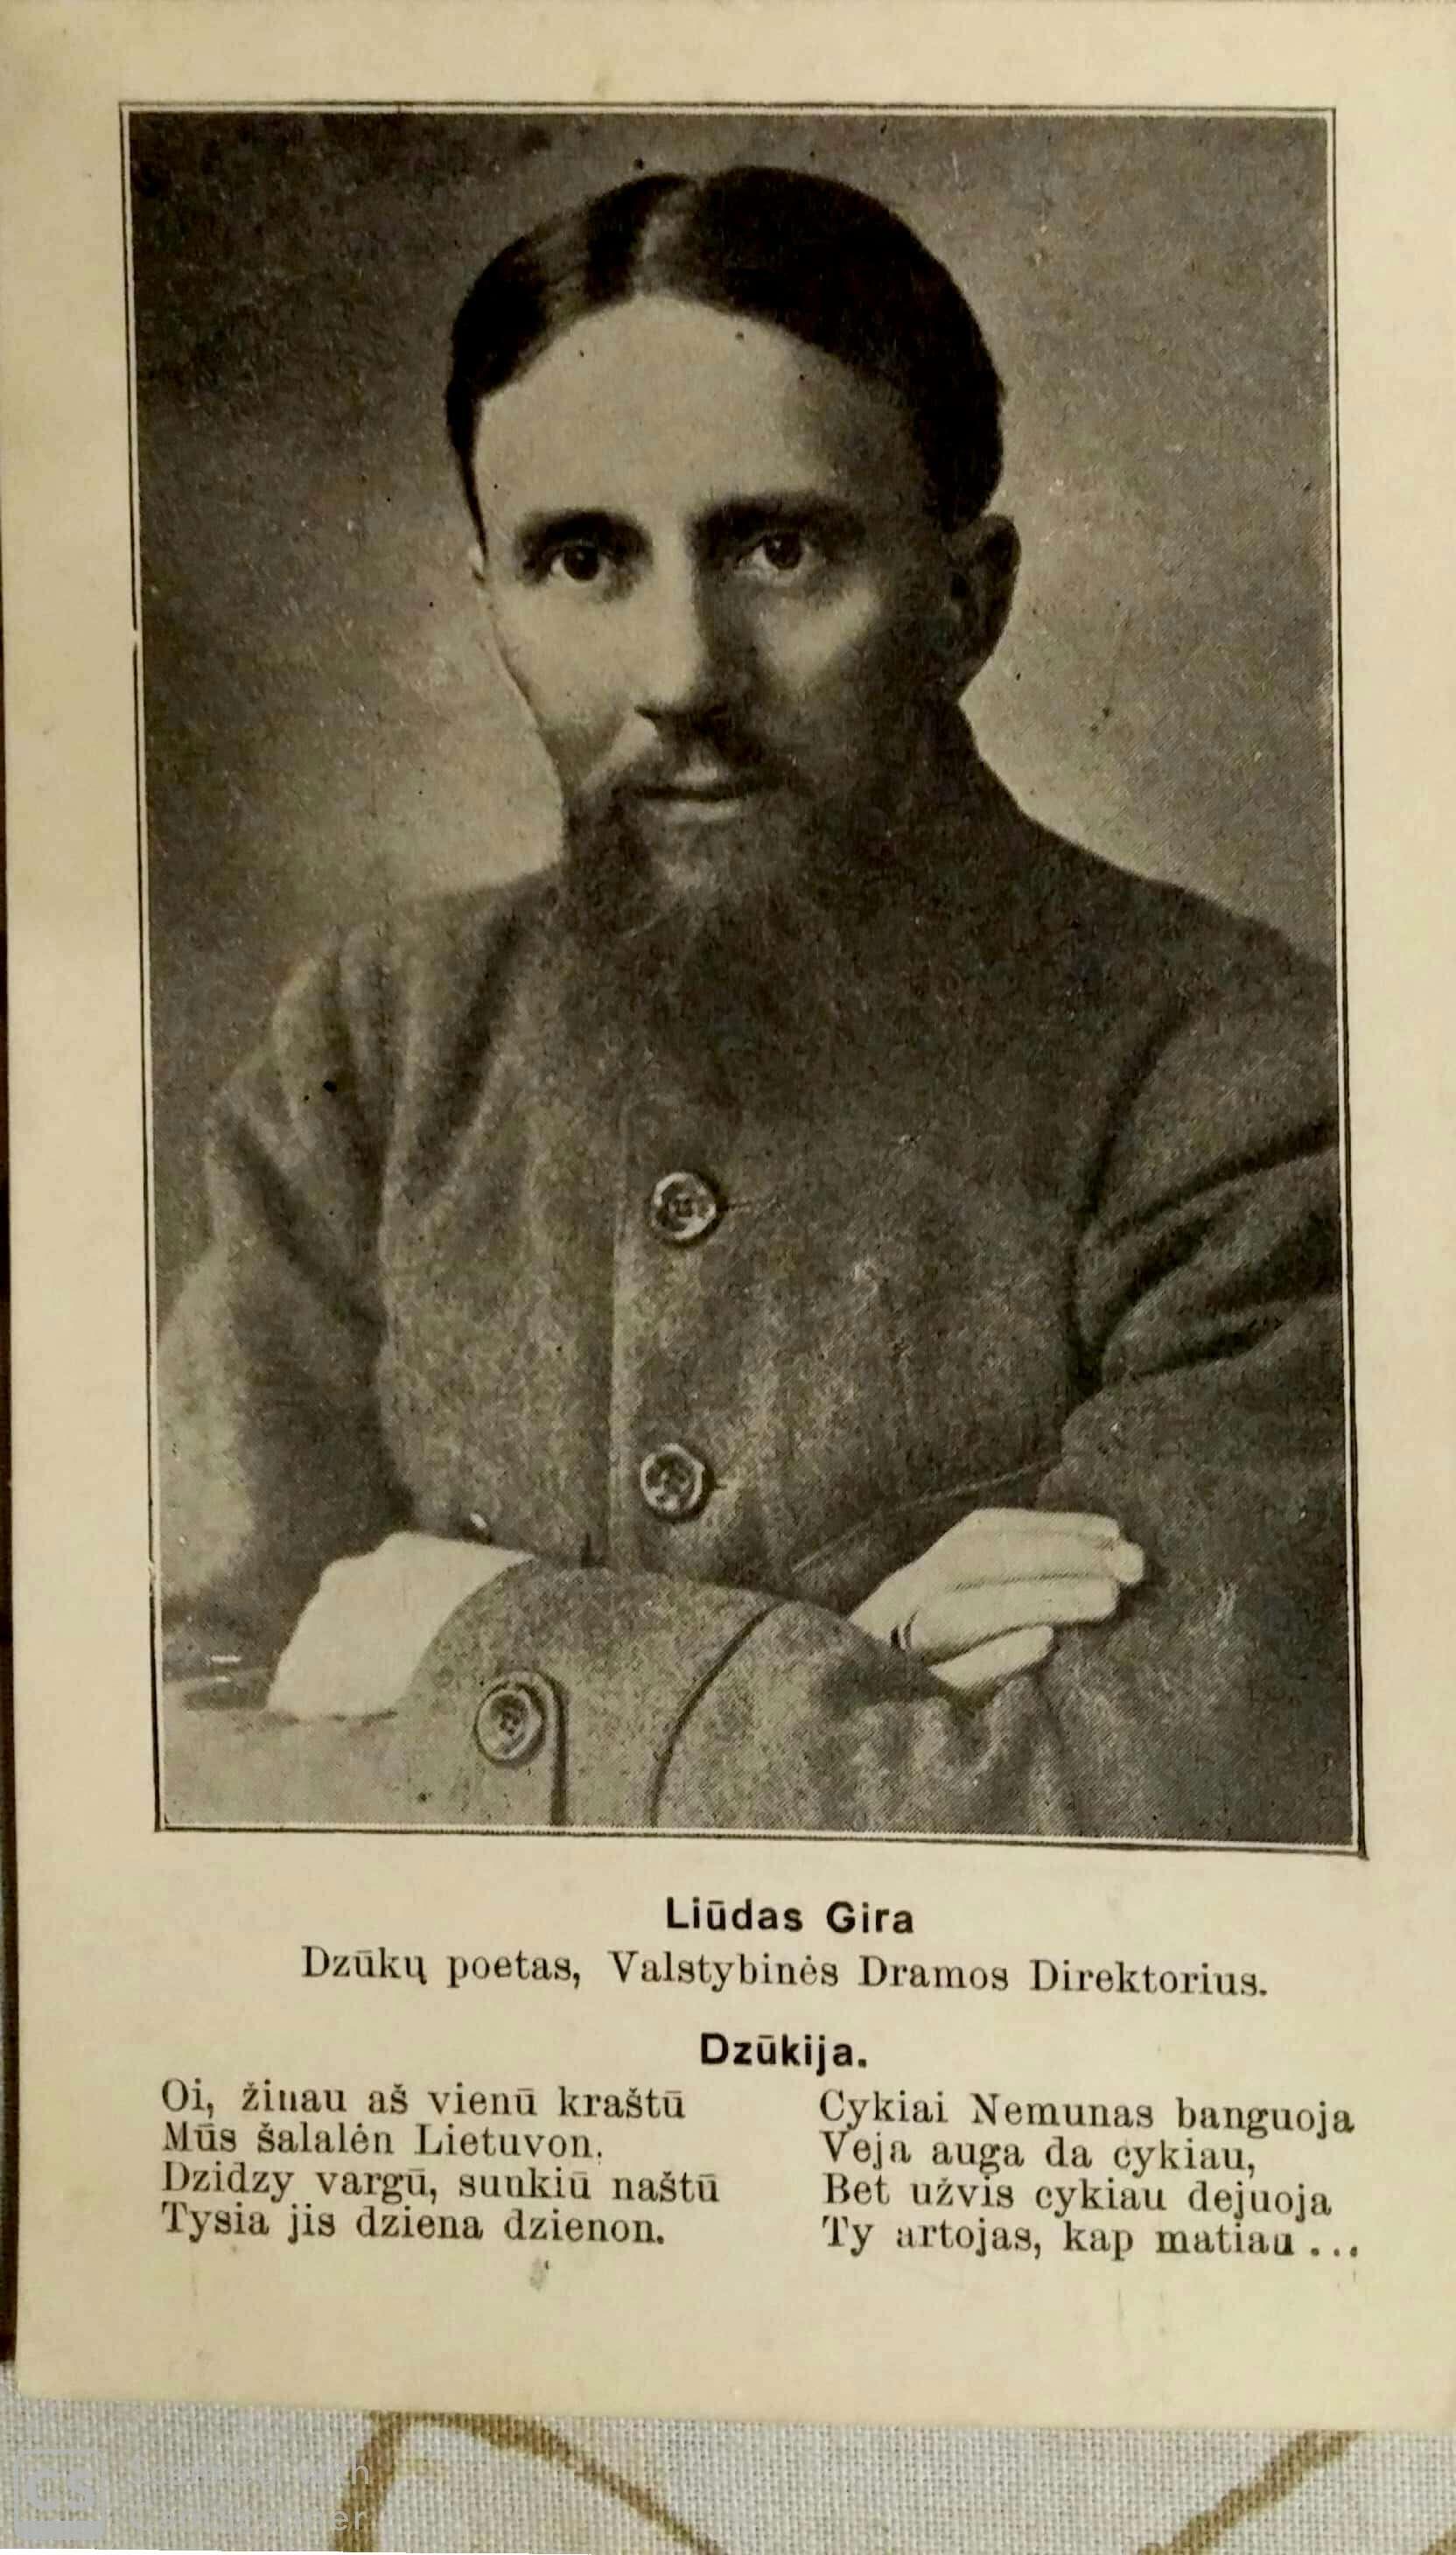 Liudas Gira. Atviruko išleidimo metai nenurodyti, tačiau reikia manyti, kad atvirukas išleistas 1922-aisiais metais ar vėliau | R. Ambrazevičiaus nuotr.